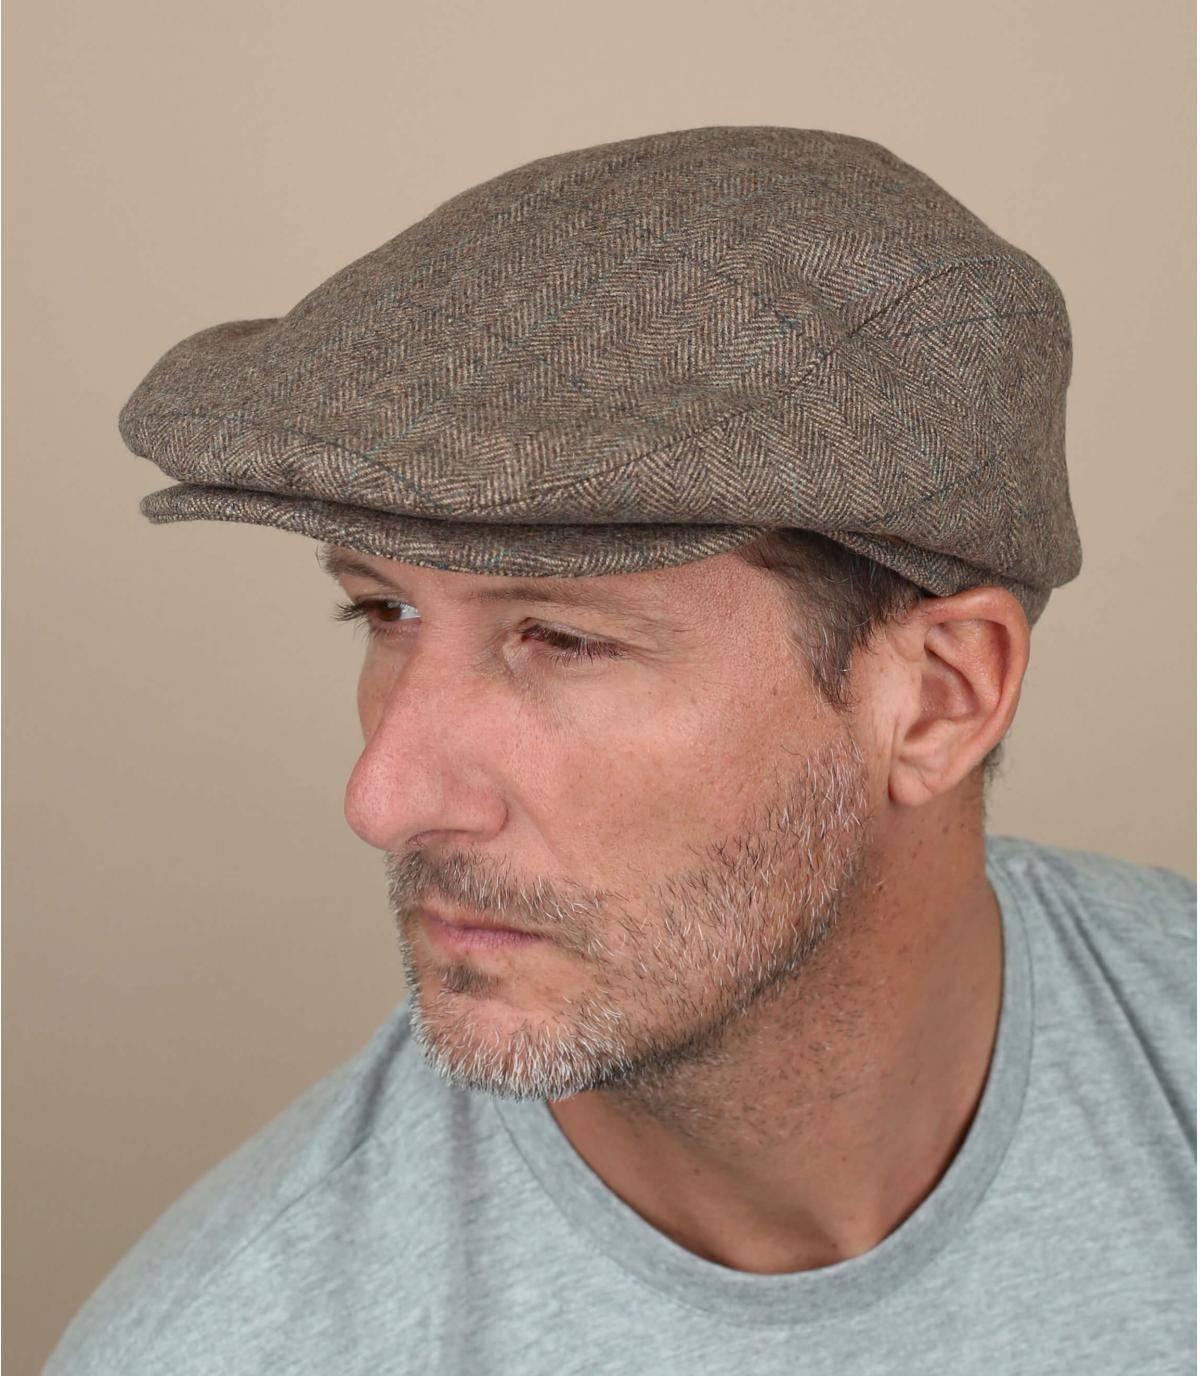 Realizzato in caldo e resistente misto lana, questo bellissimo berretto Barts è foderato con un morbido materiale satinato. È anche regolabile all'interno per una perfetta vestibilità.